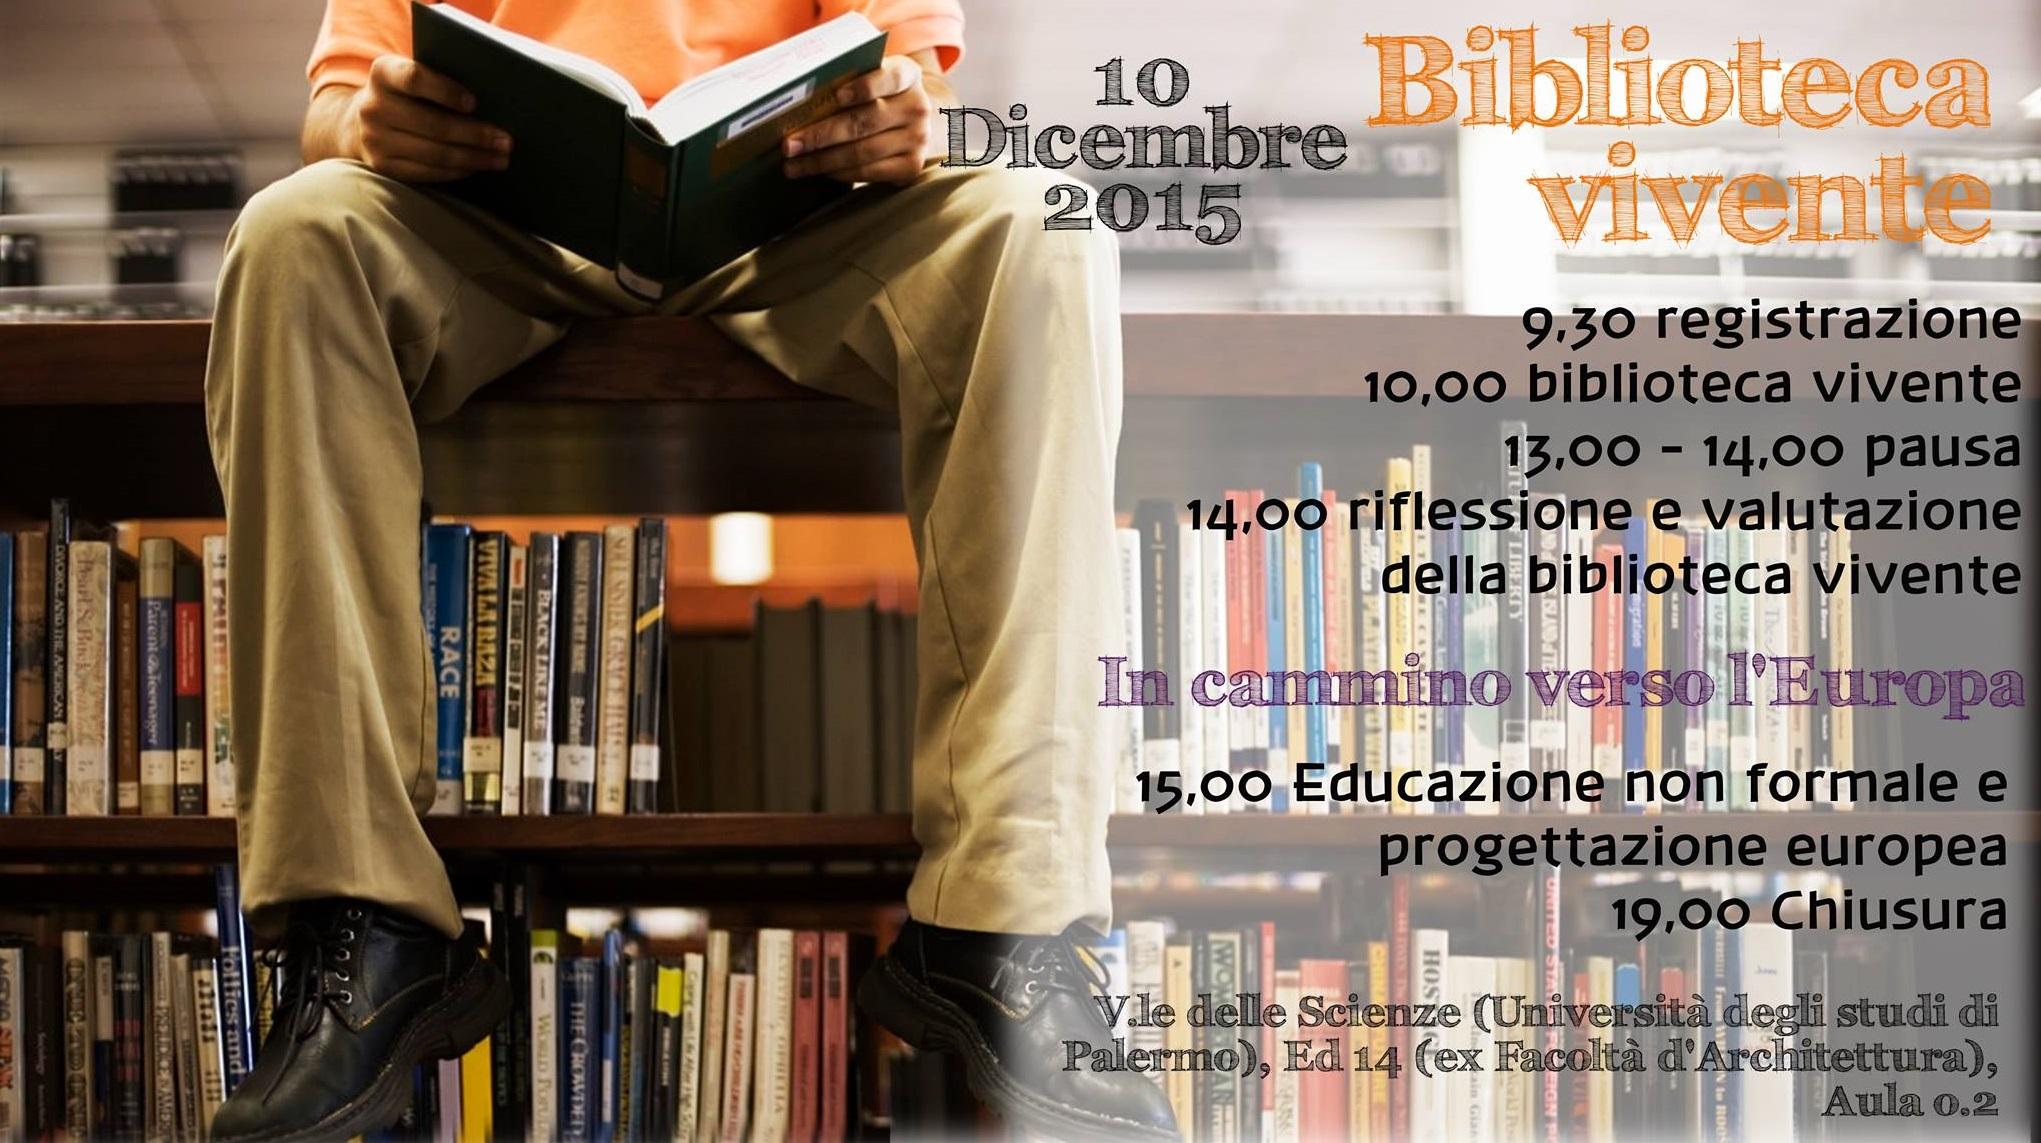 Palermo: la nuove edizione della Biblioteca Vivente